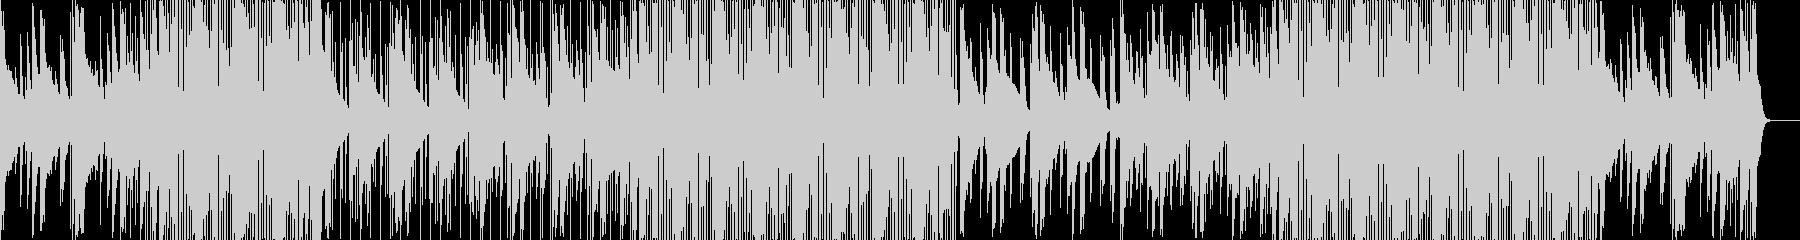 洋楽系カッコイイ忍者和風ヒップホップの未再生の波形